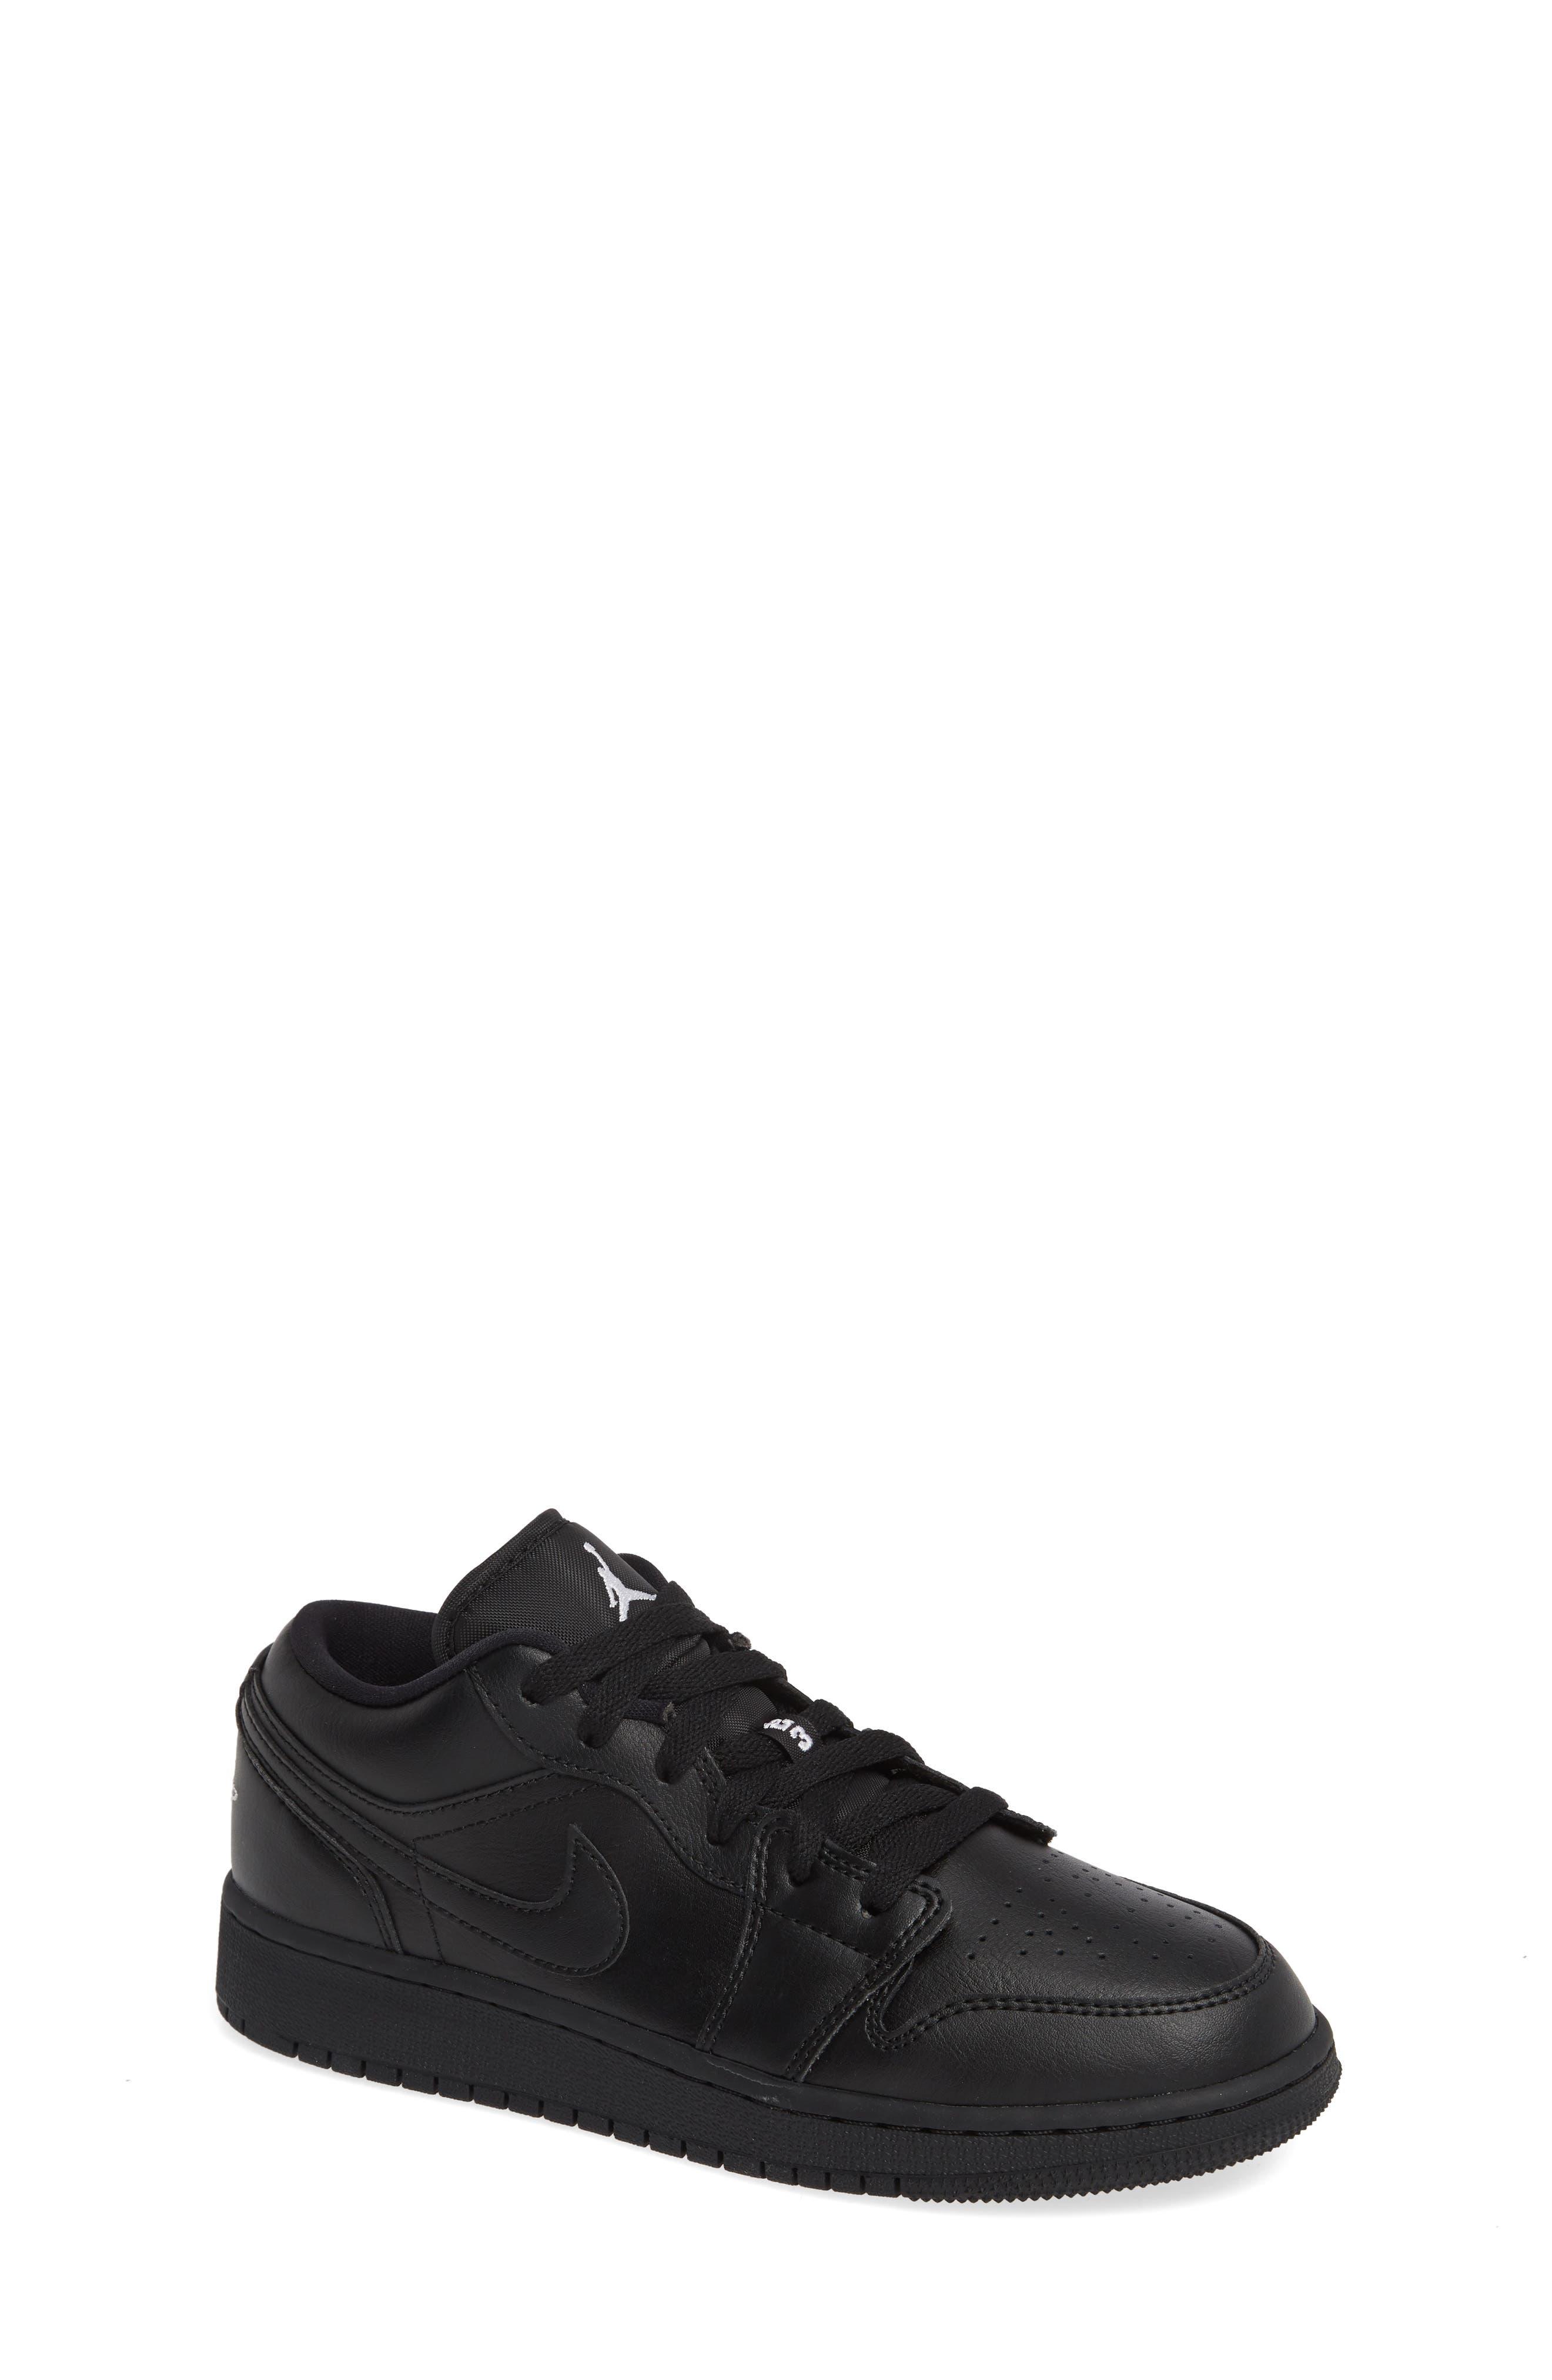 JORDAN Nike 'Air Jordan 1 Low' Sneaker, Main, color, BLACK/ WHITE/ BLACK